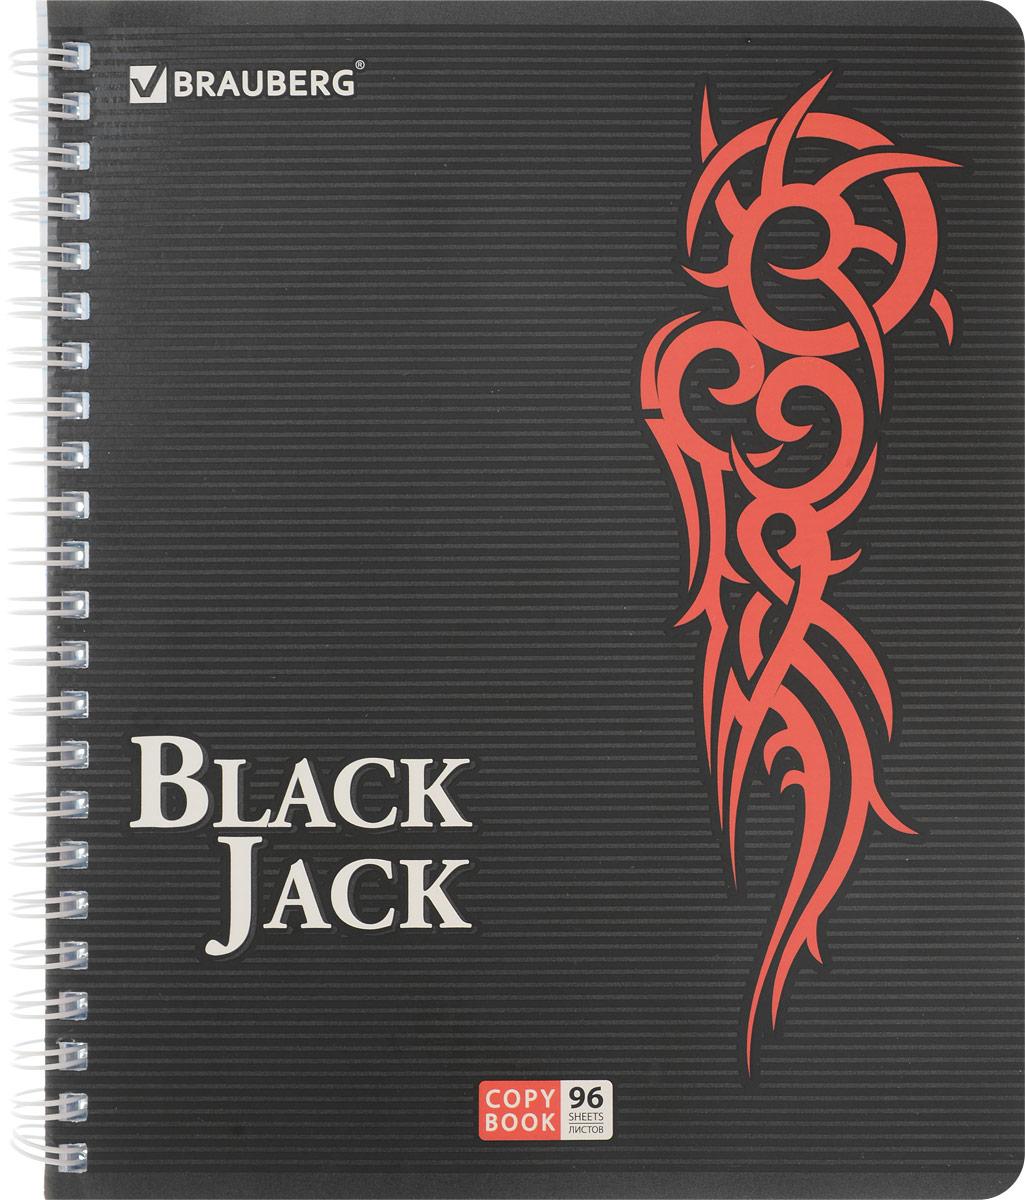 Brauberg Тетрадь Black Jack 96 листов в клетку цвет красный 40185072523WDТетрадь Brauberg Black Jack на металлическом гребне пригодится как школьнику, так и студенту.Такое практичное и надежное крепление позволяет отрывать листы и полностью открывать тетрадь на столе. Обложка изготовлена из прочного картона. Внутренний блок выполнен из белой бумаги в стандартную клетку без полей. Тетрадь содержит 96 листов. Страницы тетради дополнены микроперфорацией для удобного отрыва листов.